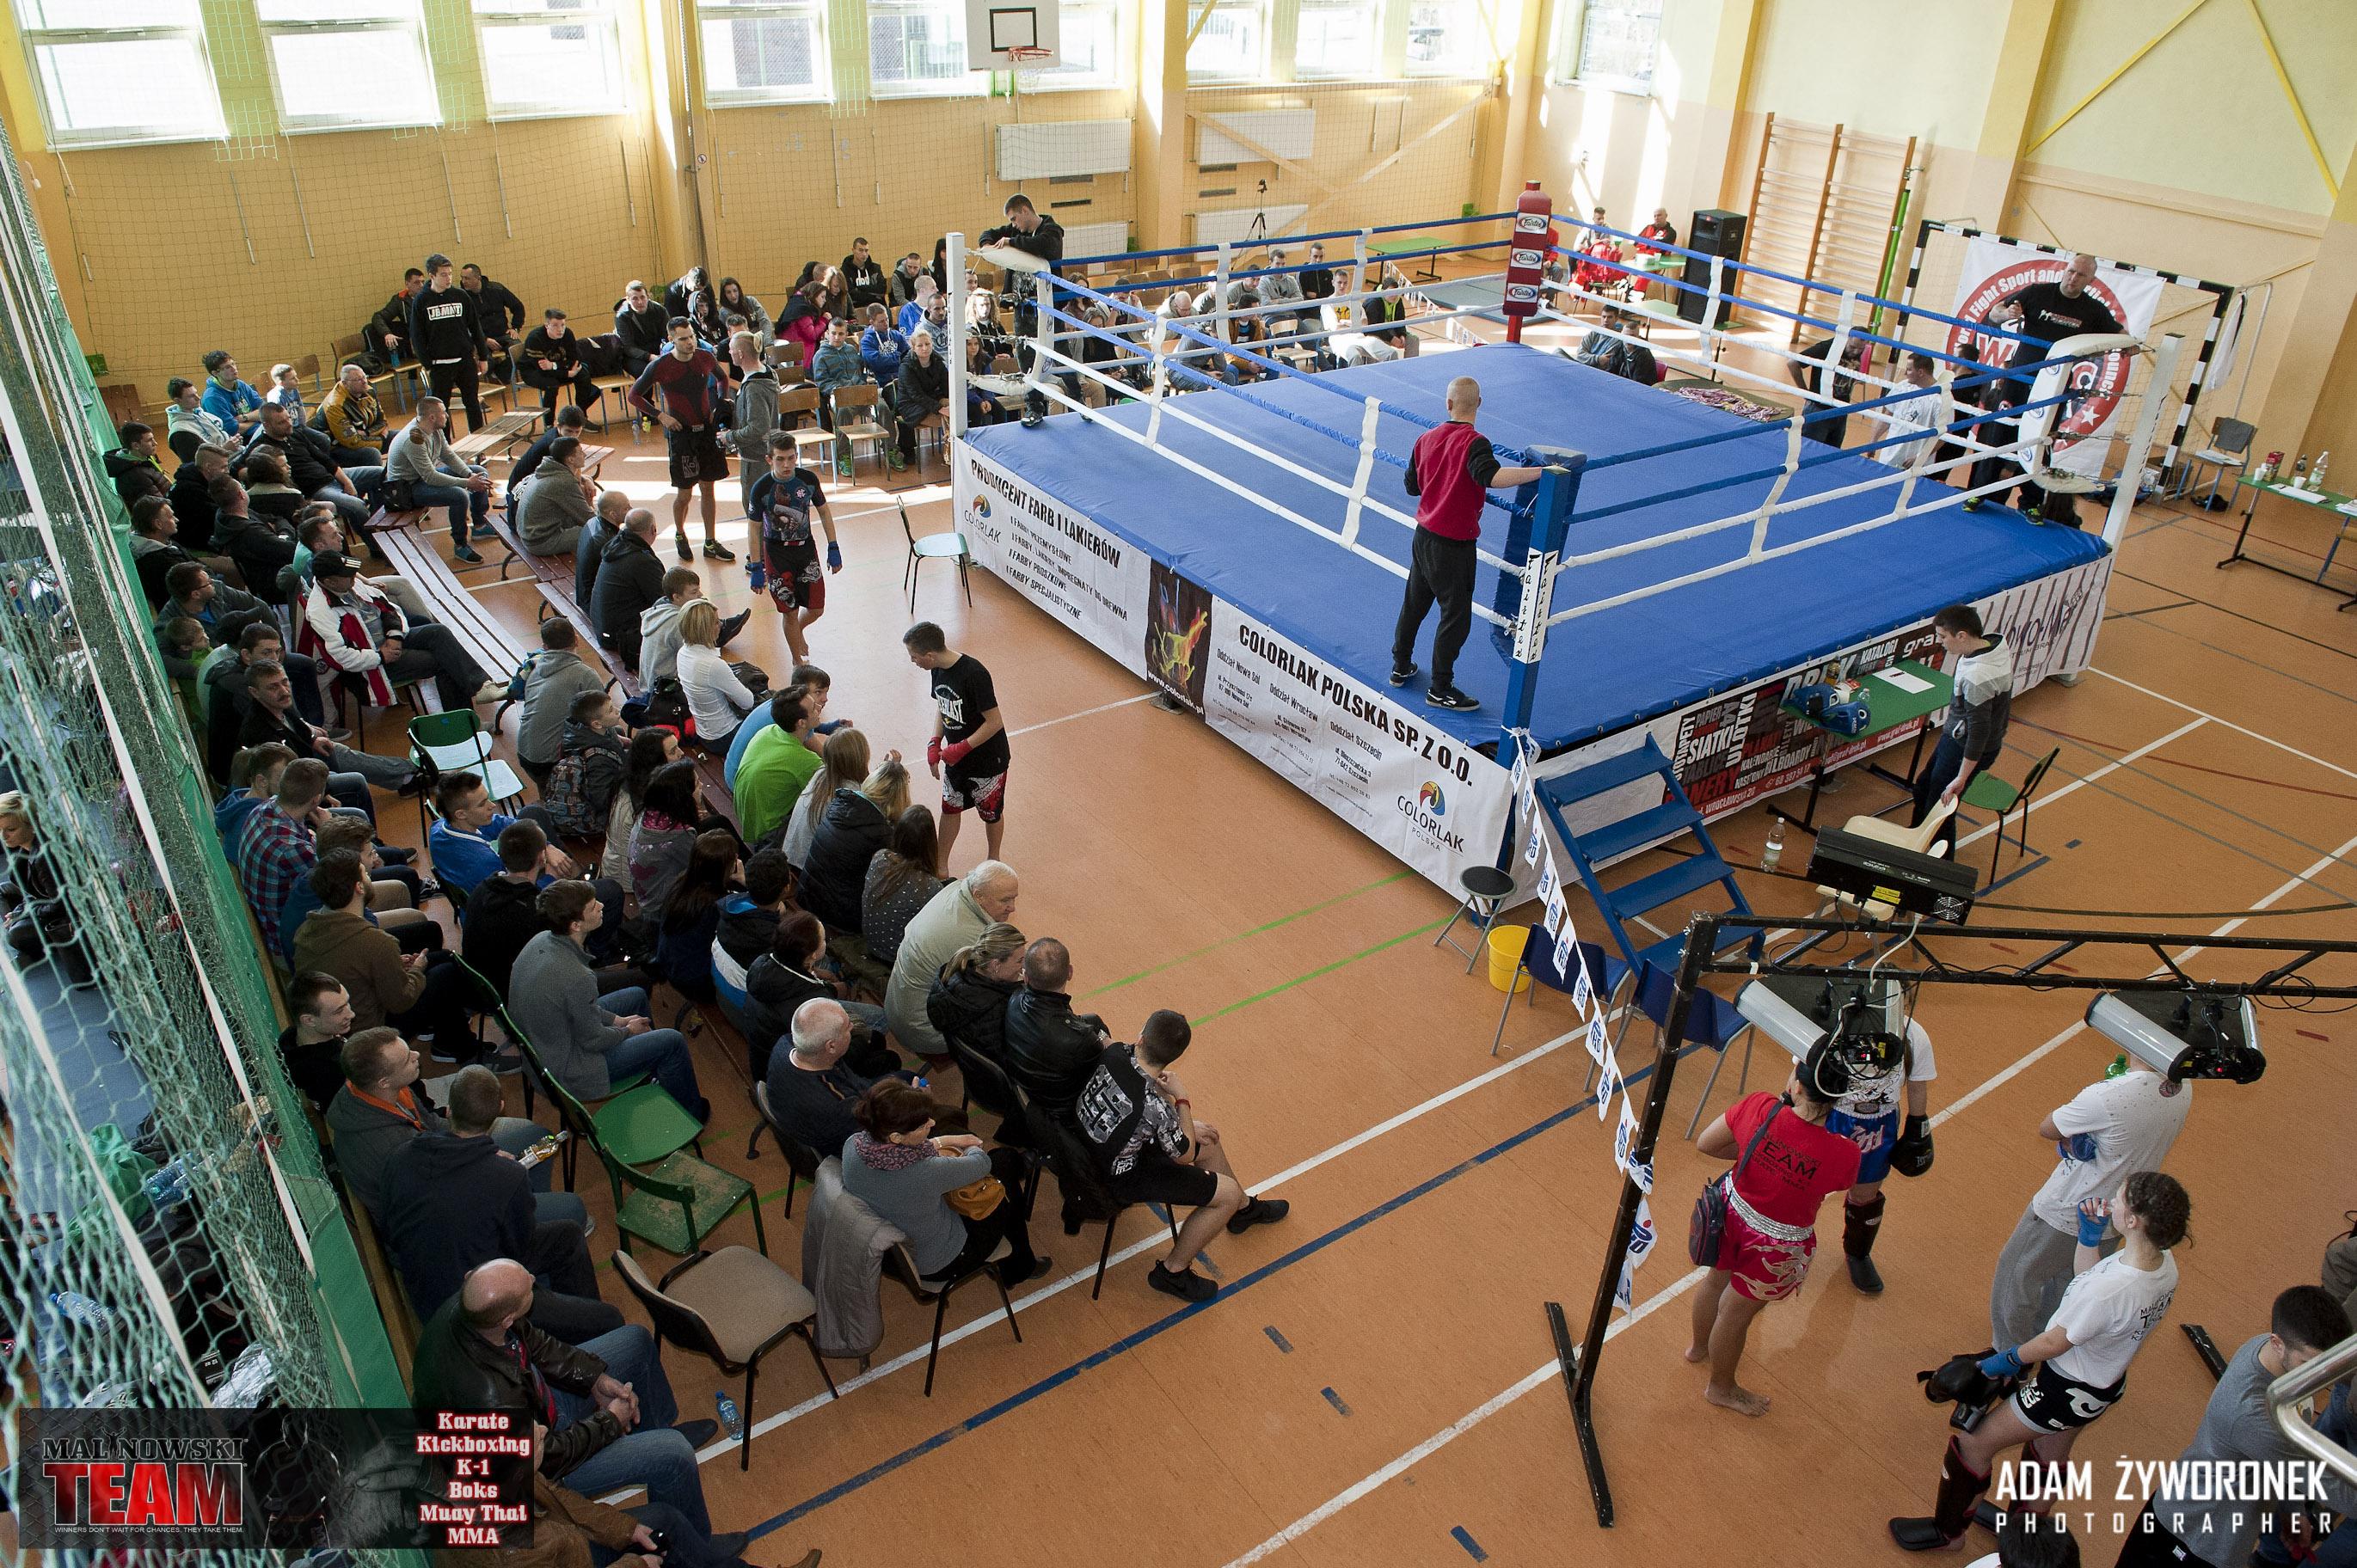 XIV Ogólnopolska Liga Walkowa Wfmc Fight na zasadach WfmcK-1 i Boksu Album 2 Walki Pań